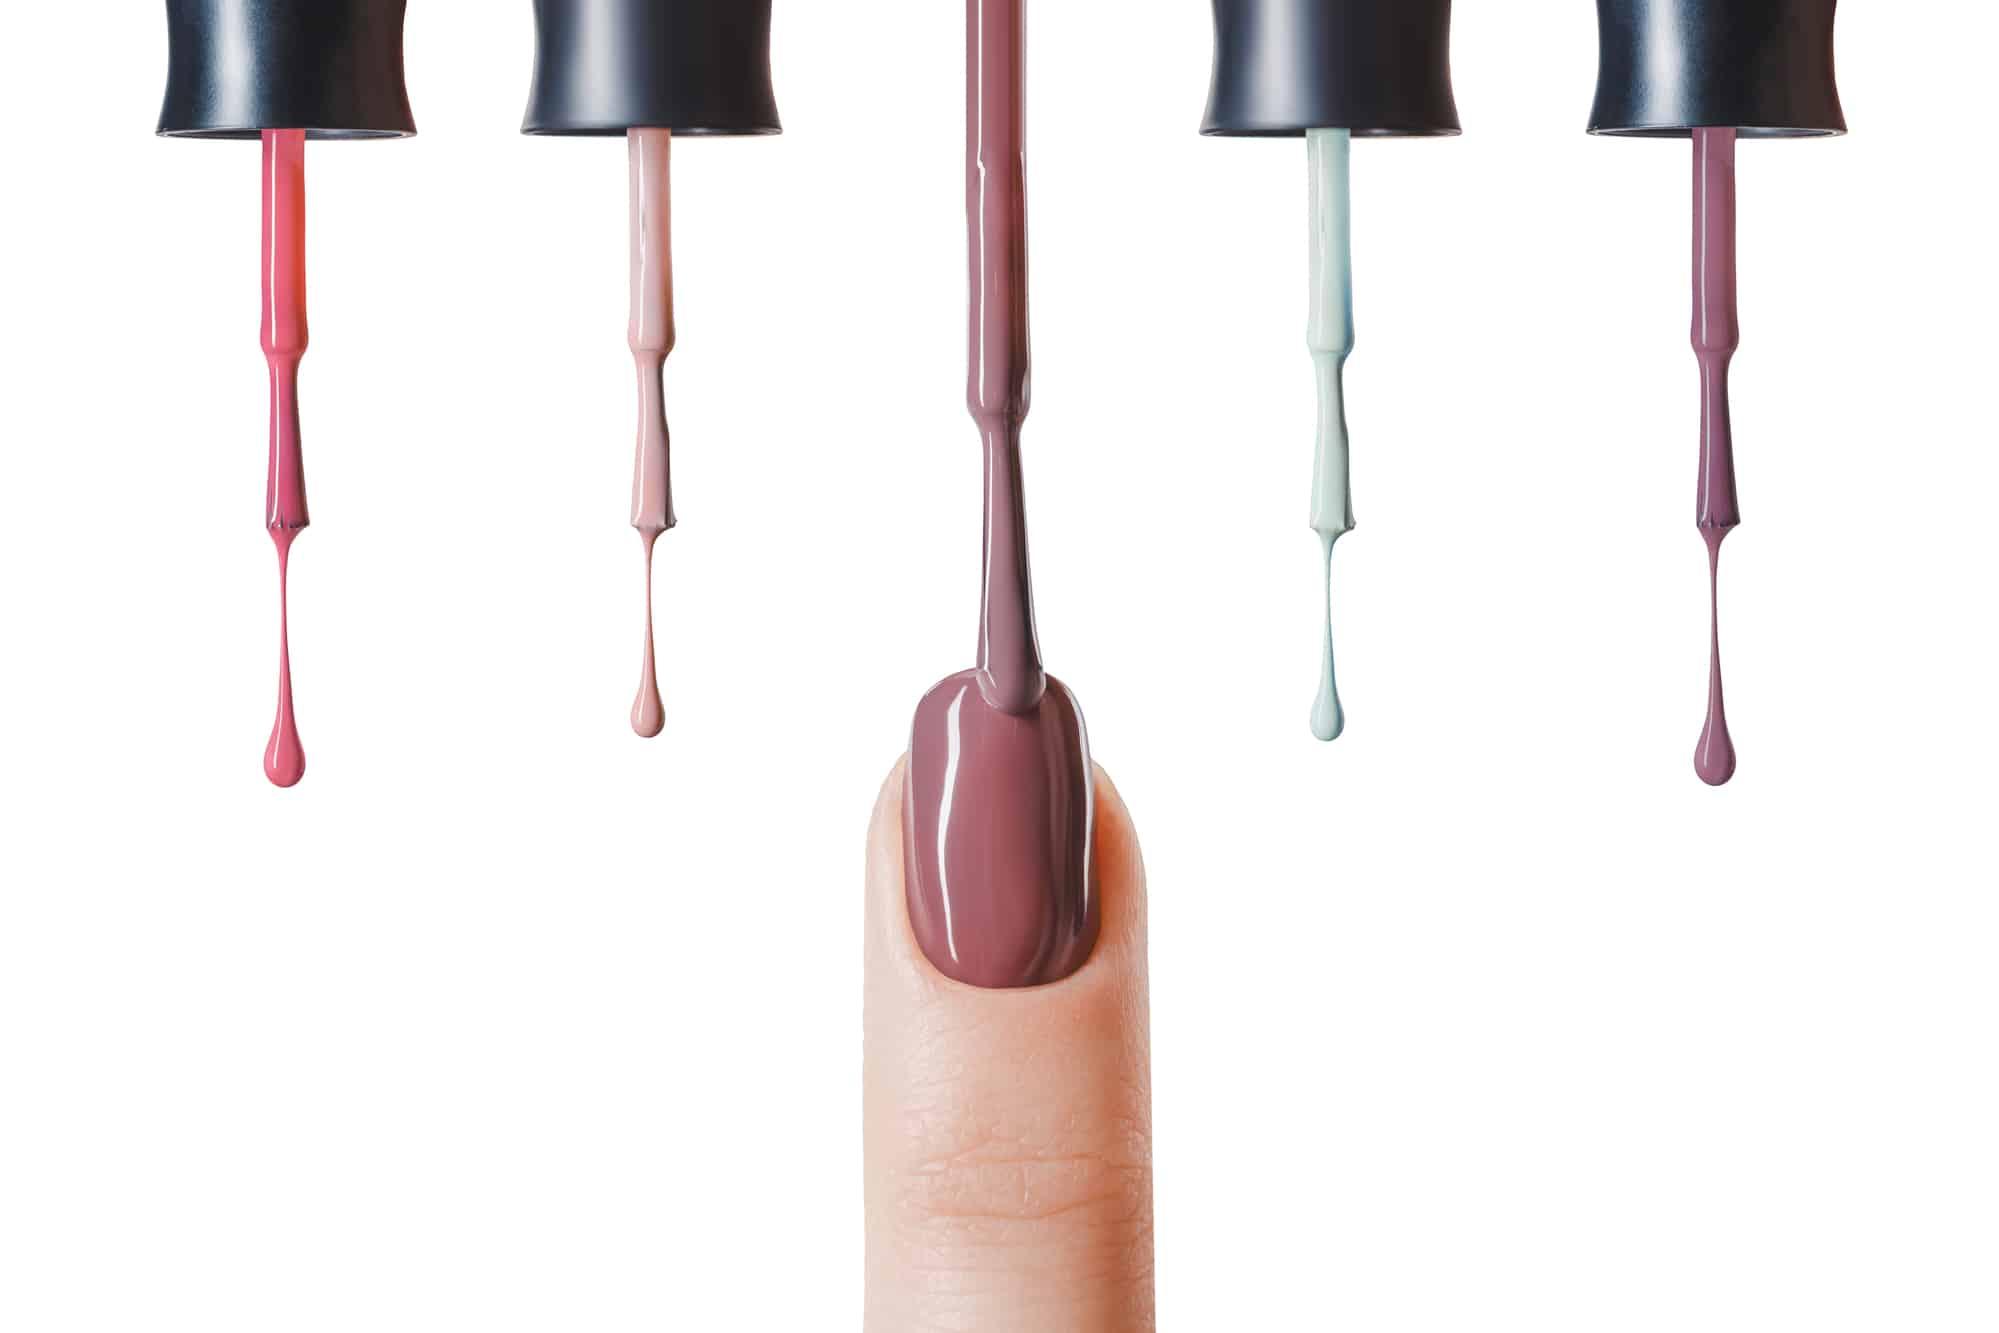 nails polish dripping